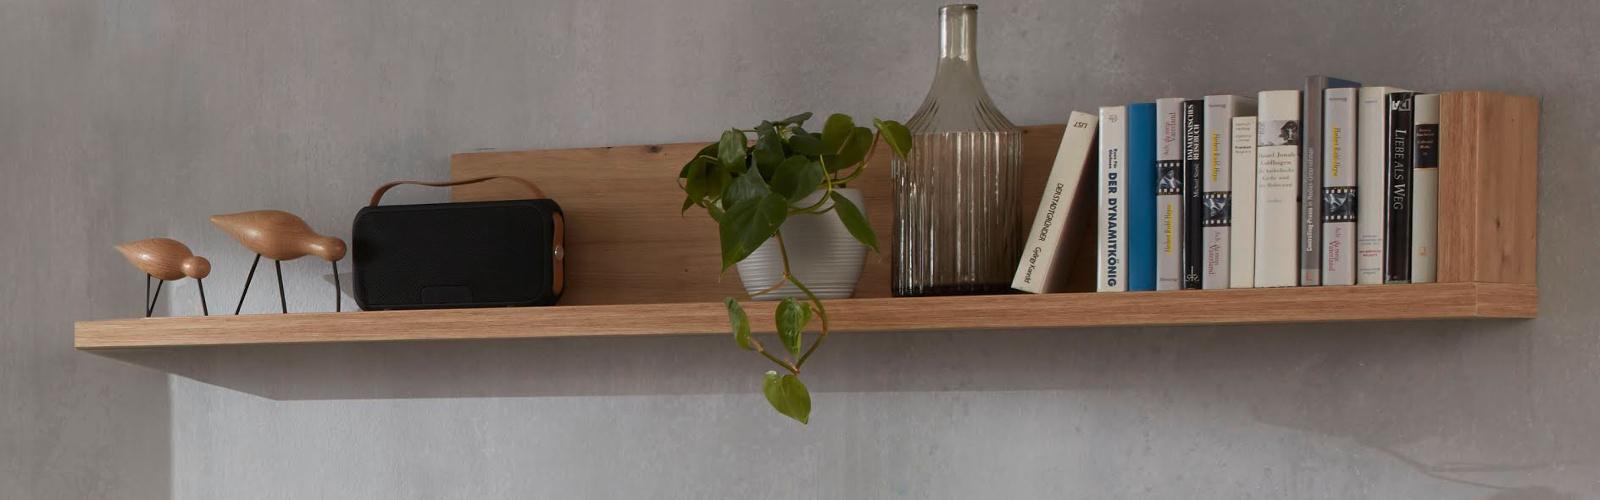 Massivholz Sideboard Kiefer weiß Landhaus Cottage2 - Designermöbel ... | {Badmöbel weiss landhaus 29}